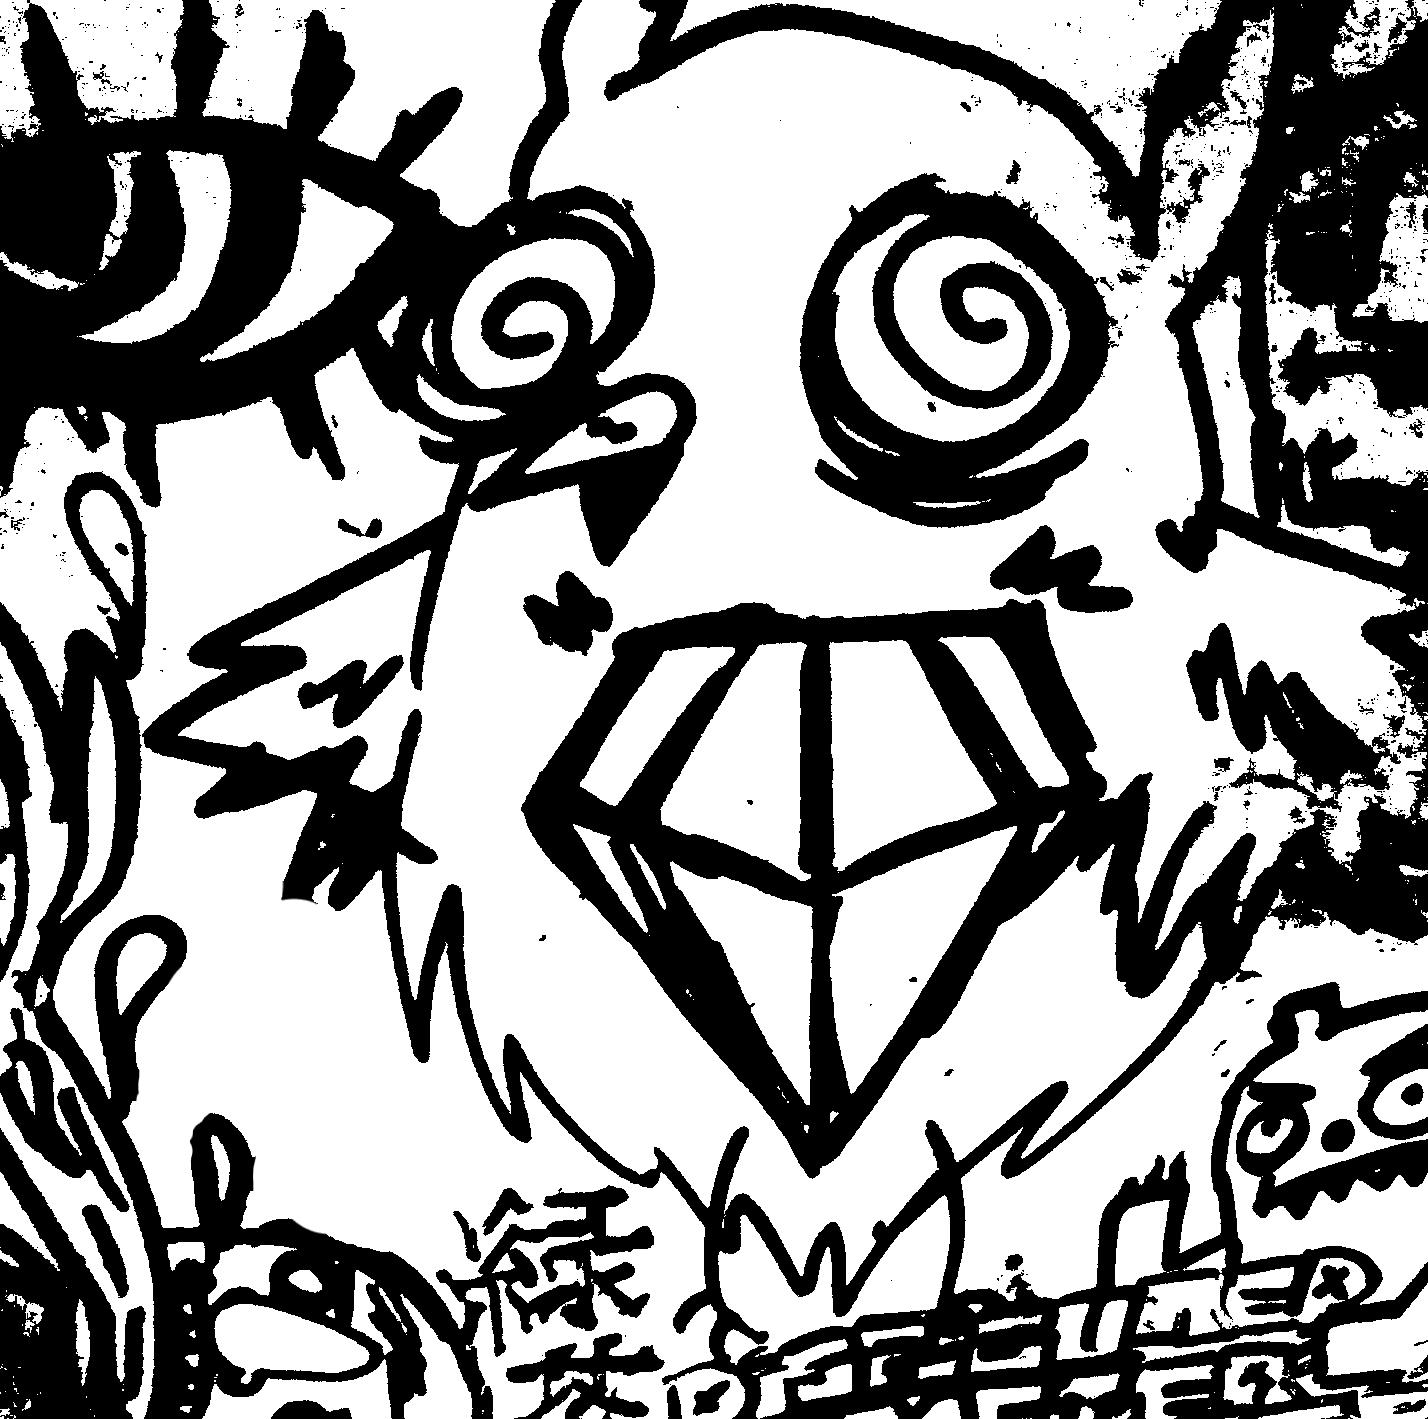 Le Doodles